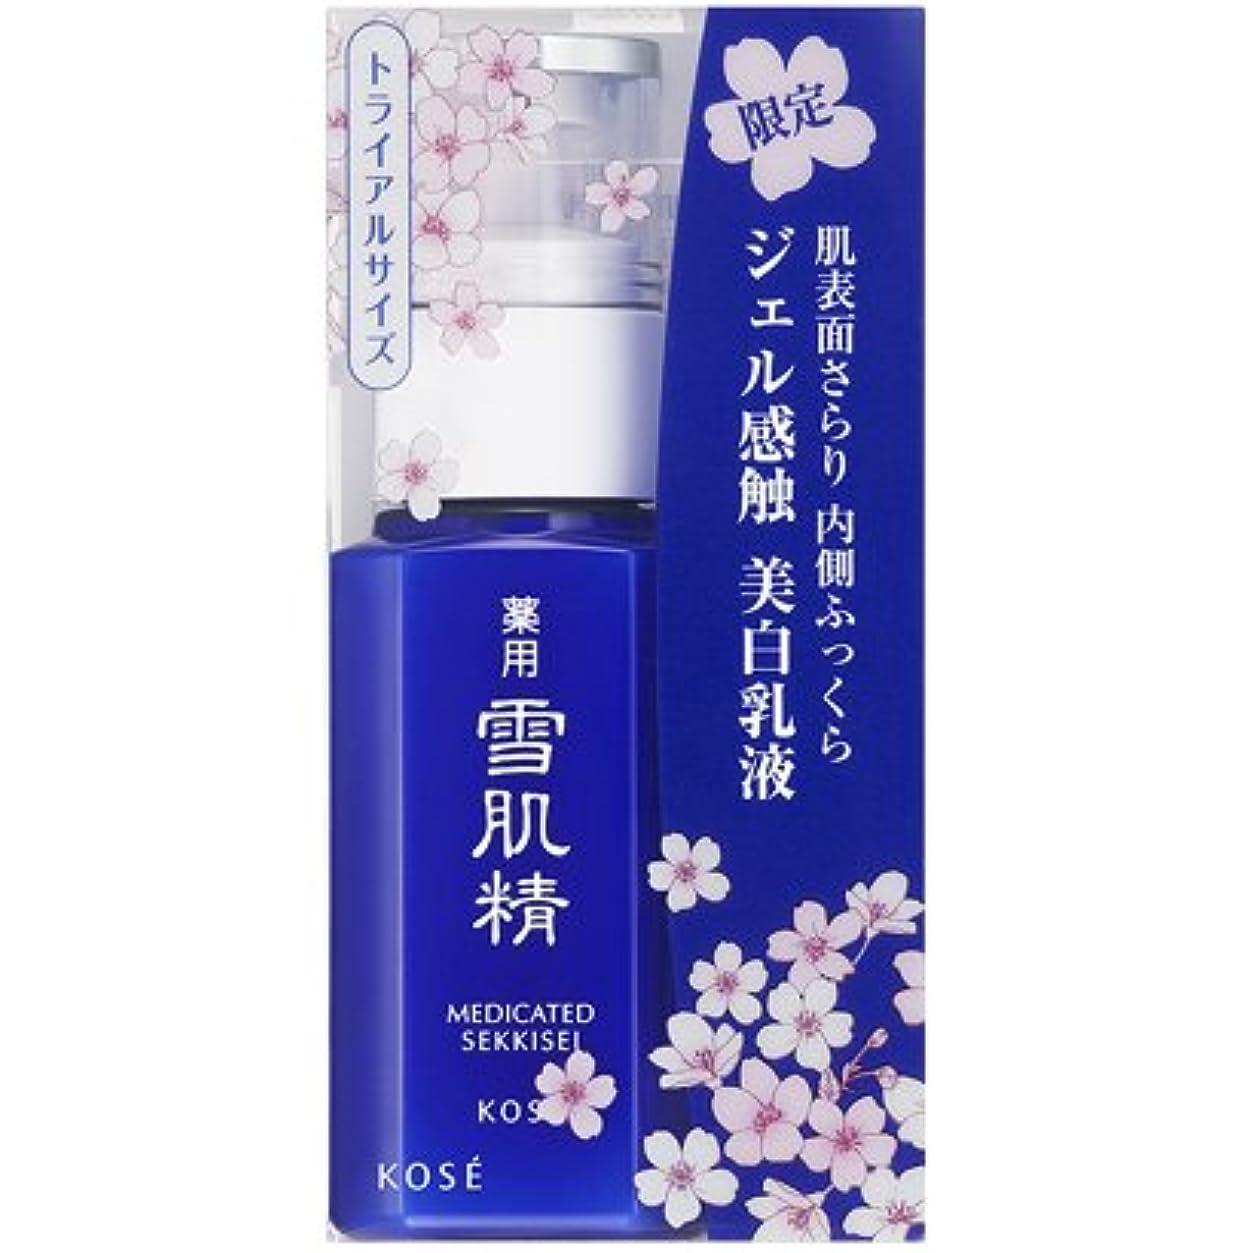 学部言い直すハンマーコーセー 薬用 雪肌精 乳液(ハーフサイズ) 【桜】 70mL